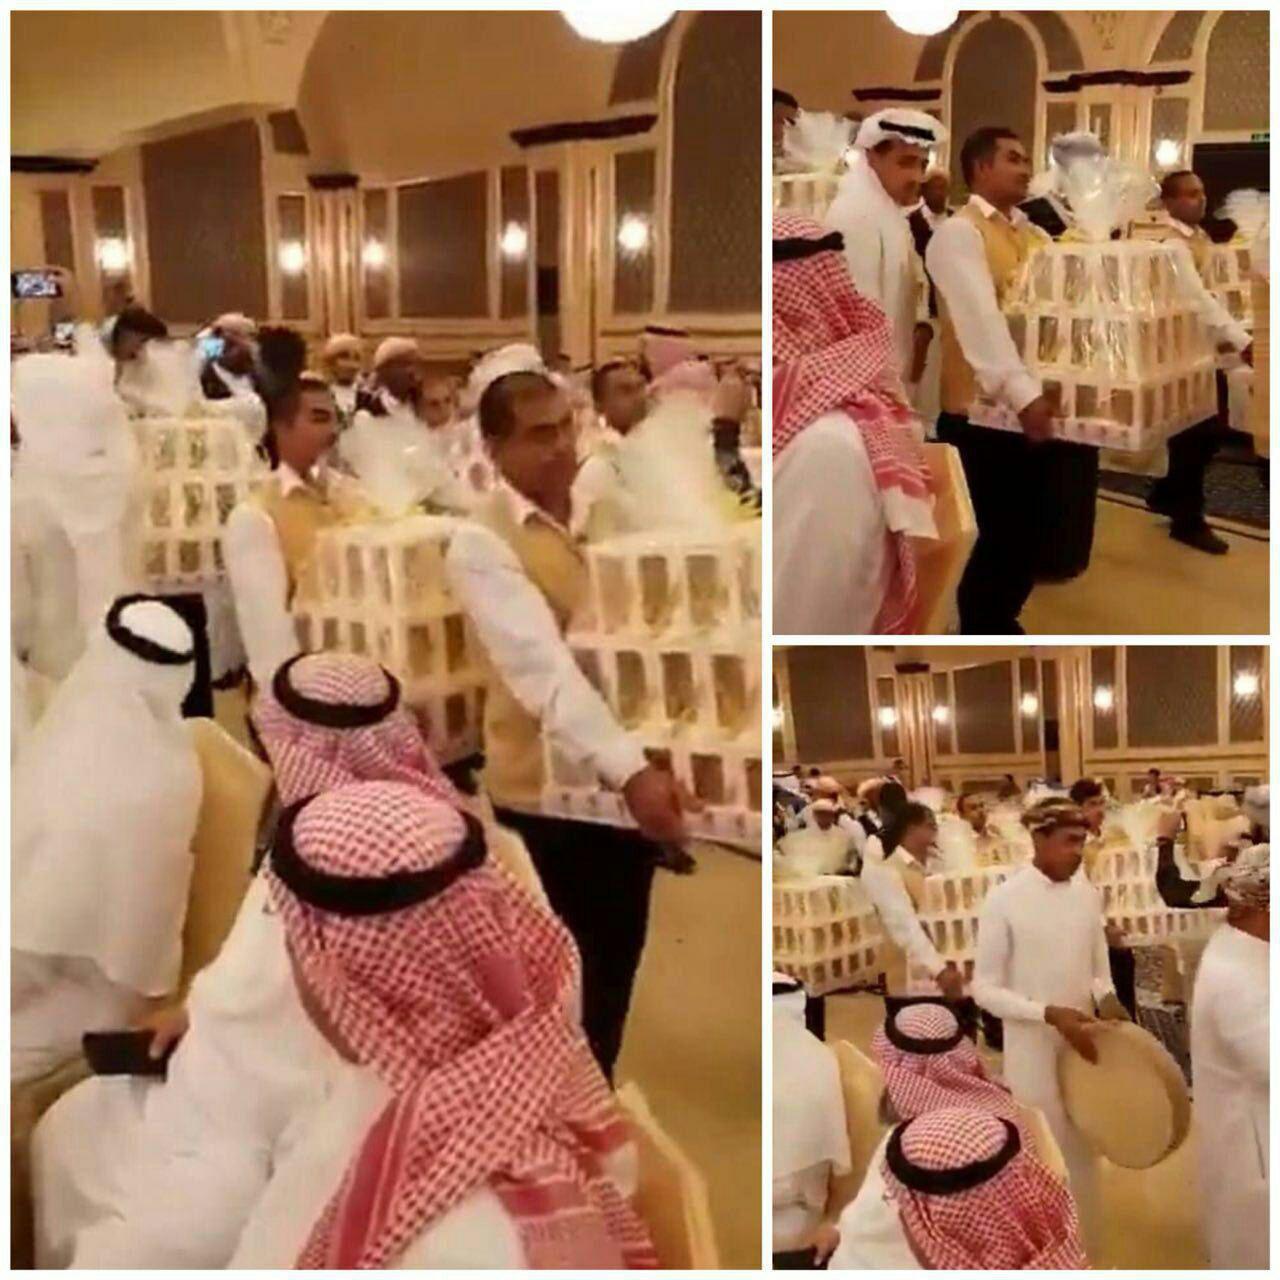 در این عروسی در عربستان مهمانان آیفون 8 کادو گرفتند! + عکس